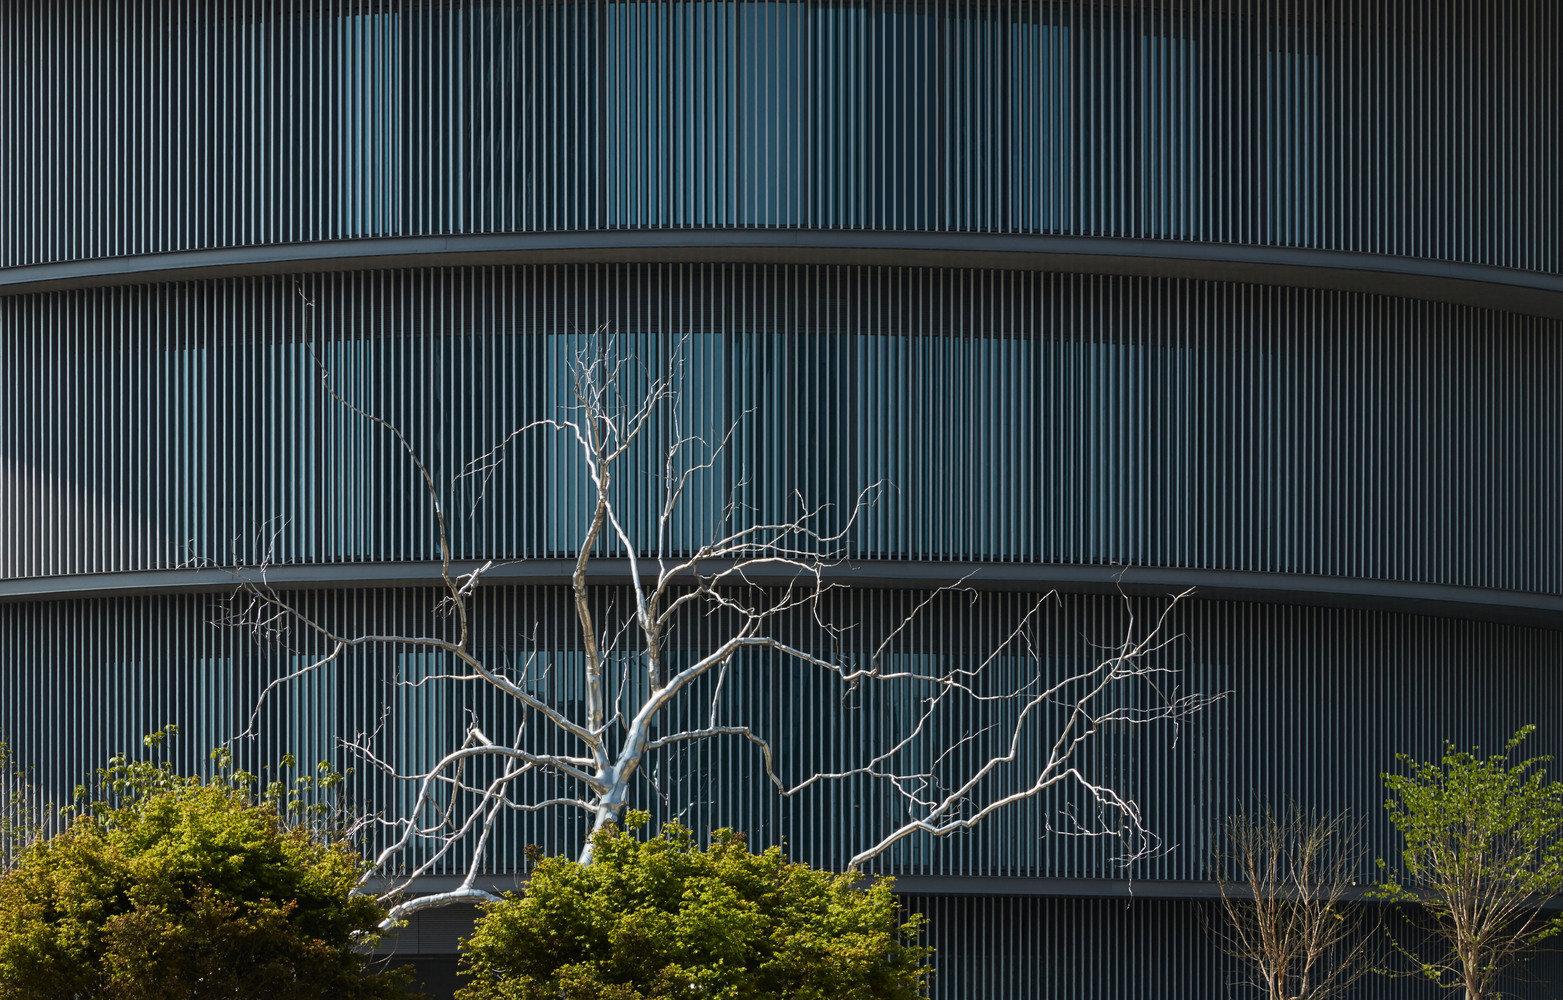 安藤忠雄中国作品——位于广东顺德的和美术馆即将开放